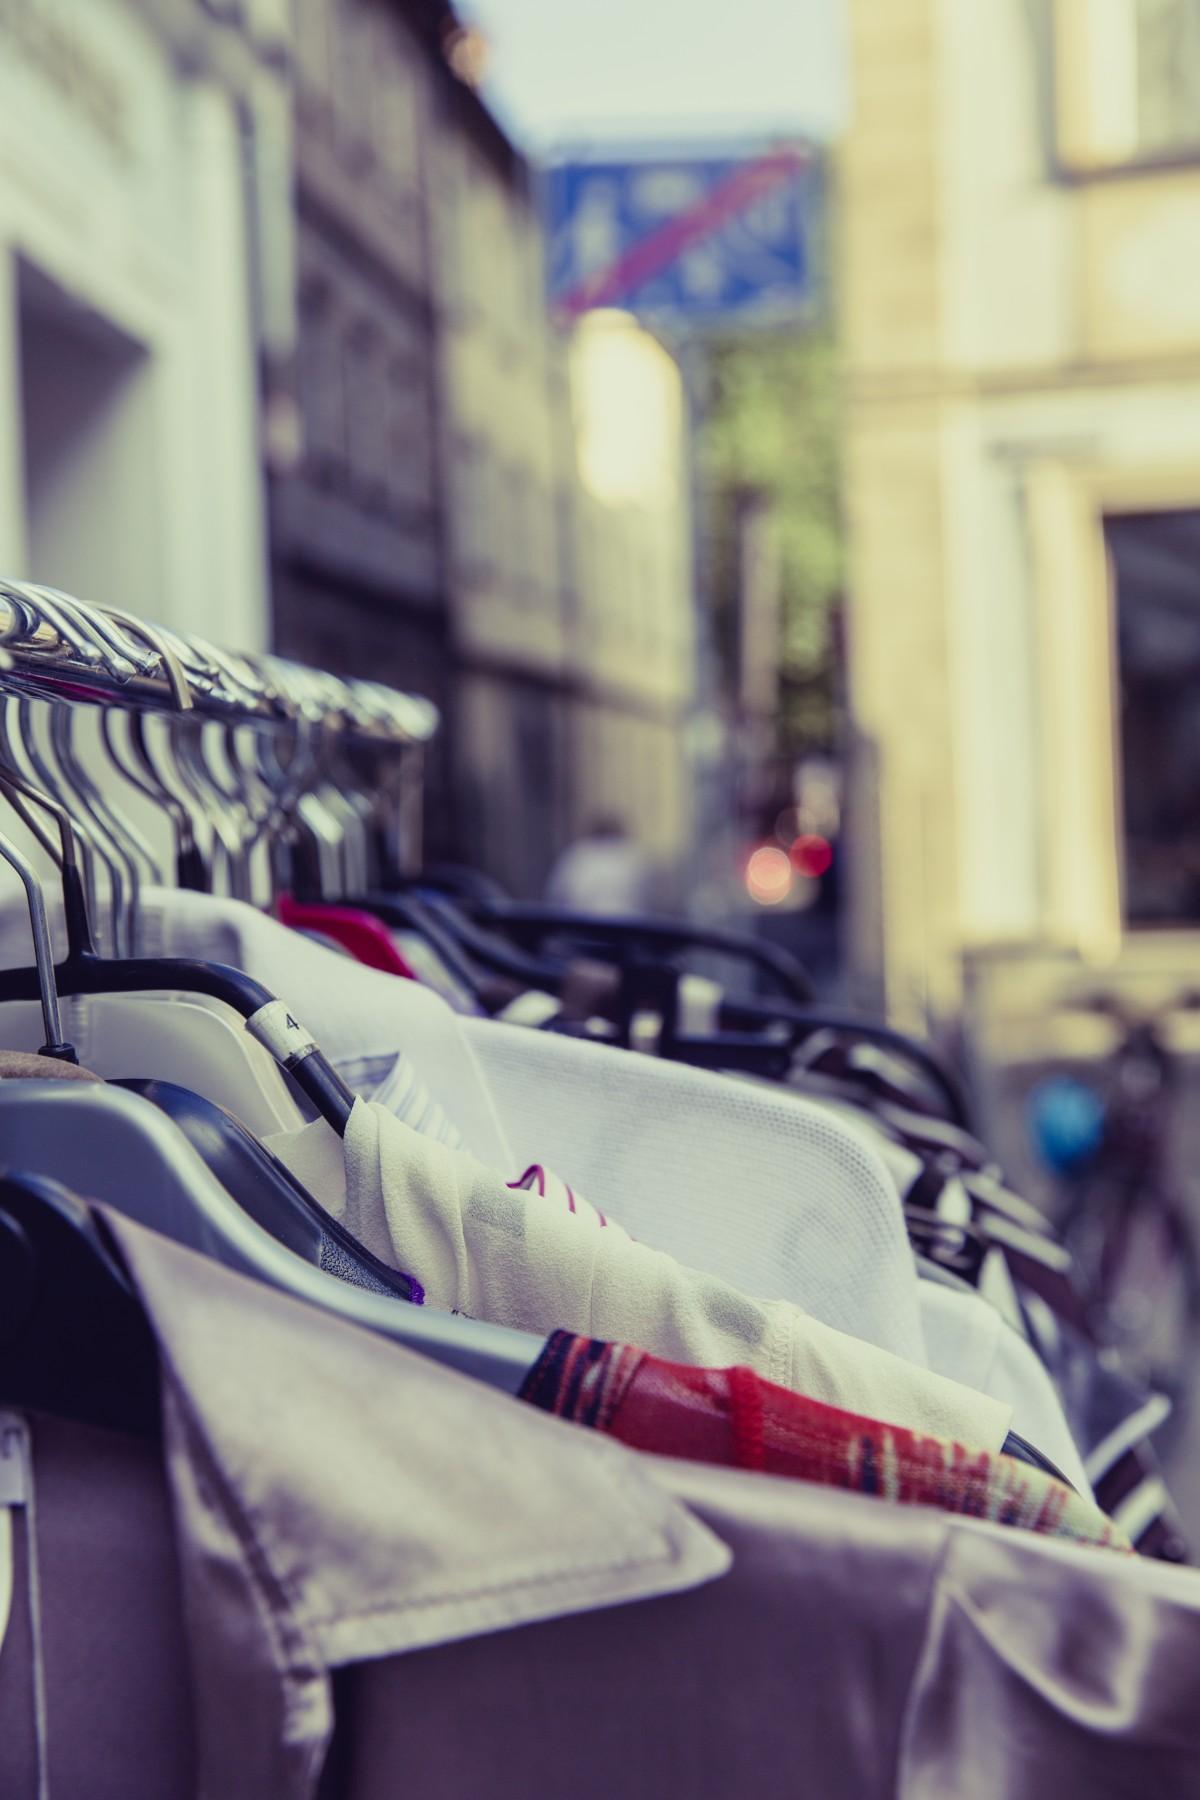 free images   blur  people  hanger  shop  spring  vehicle  color  market  blue  rack  shopping